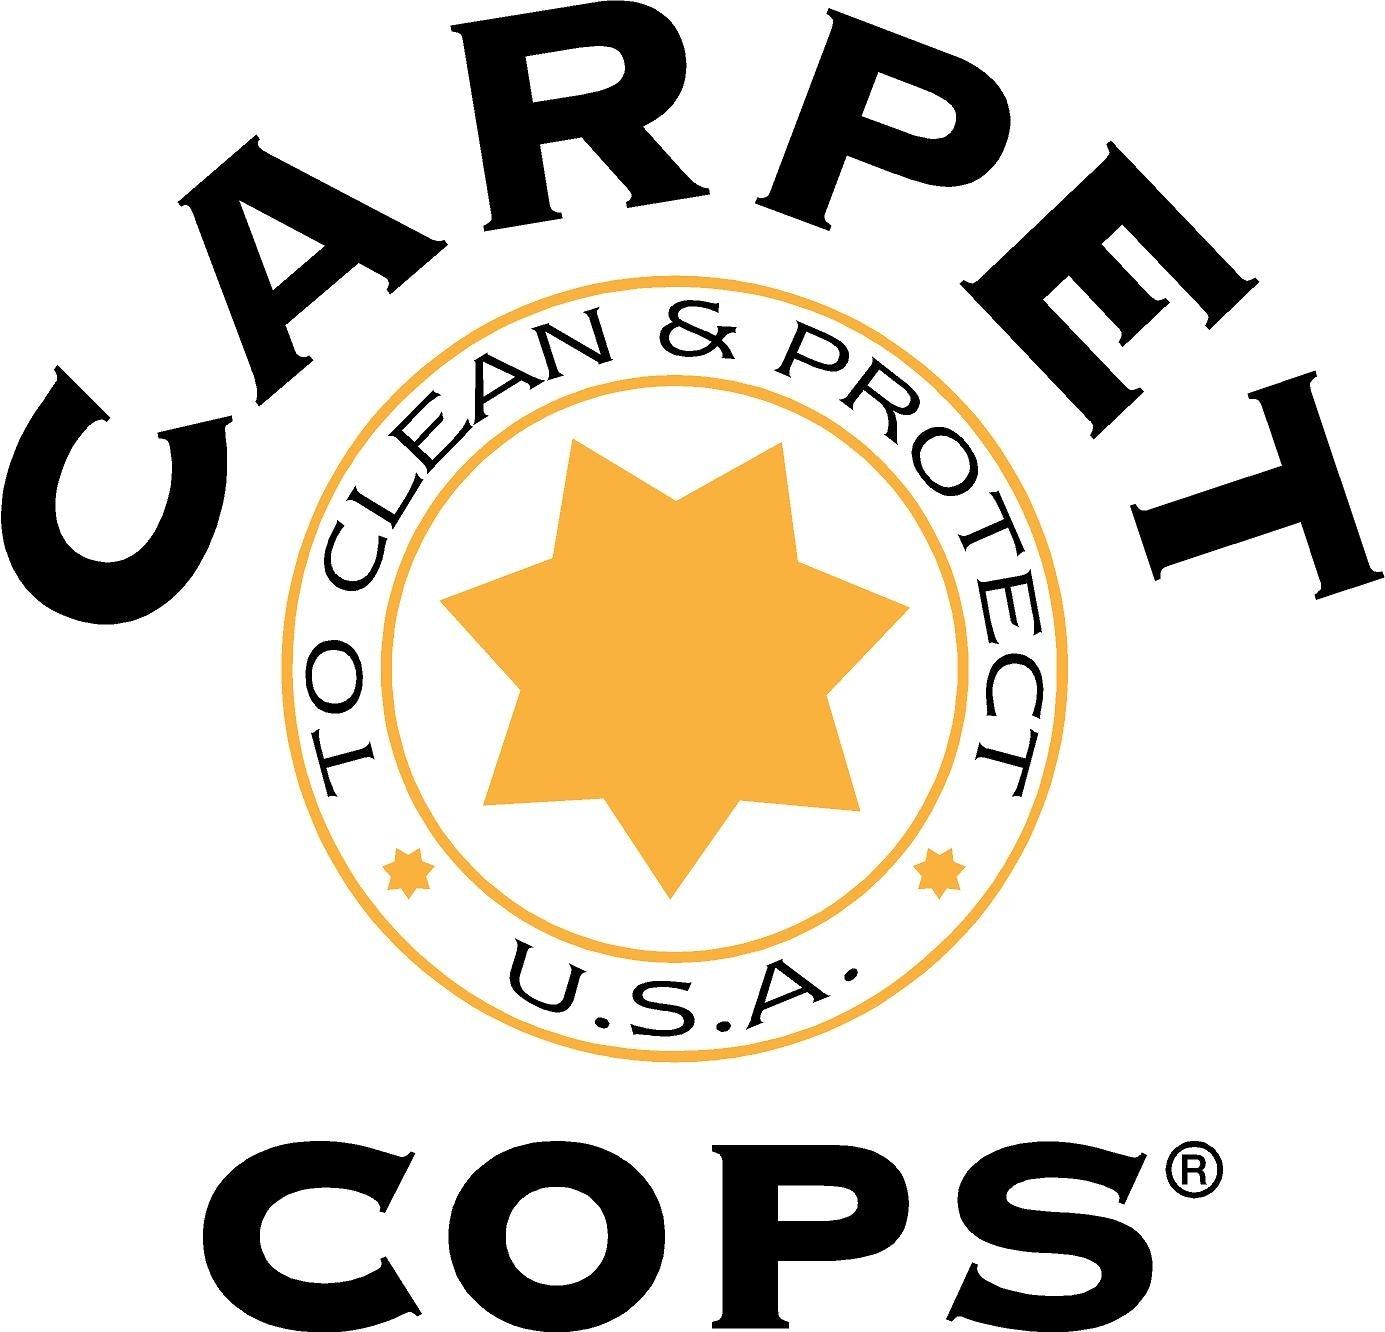 Carpet Cops logo